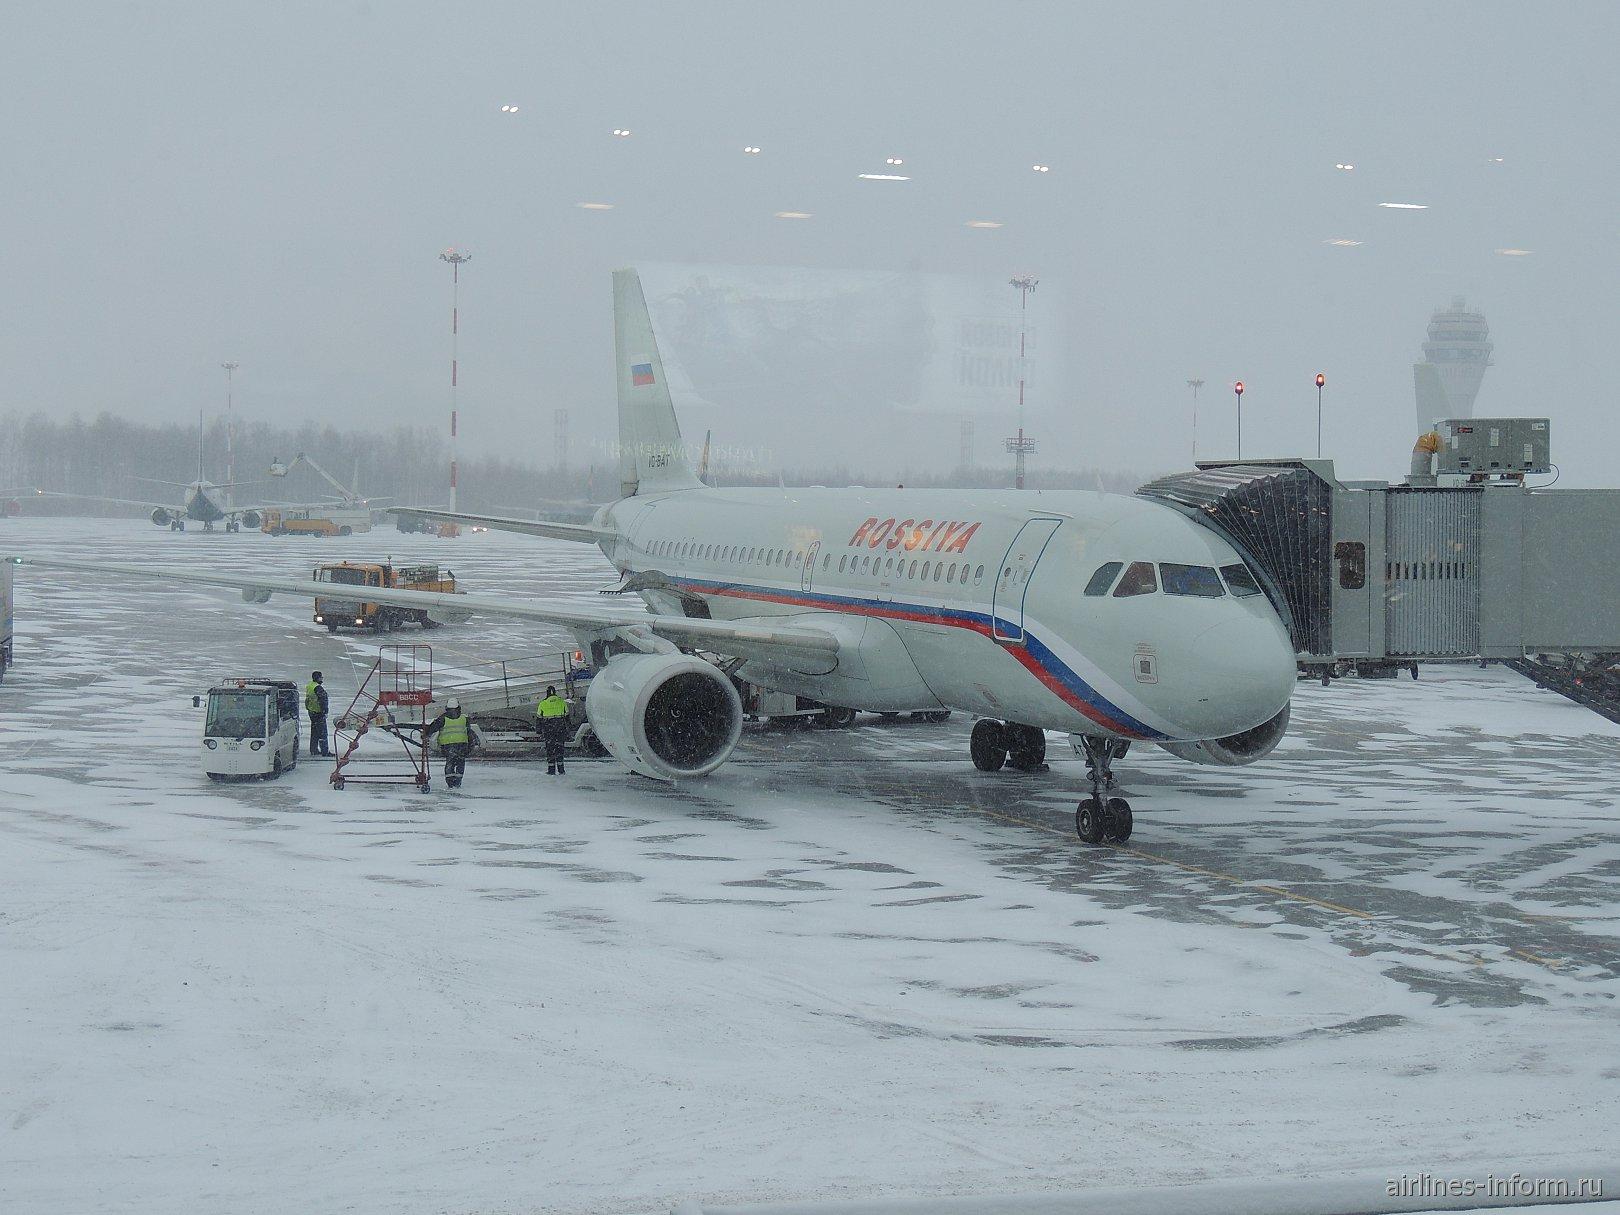 Санкт-Петербург - Москва c Россией